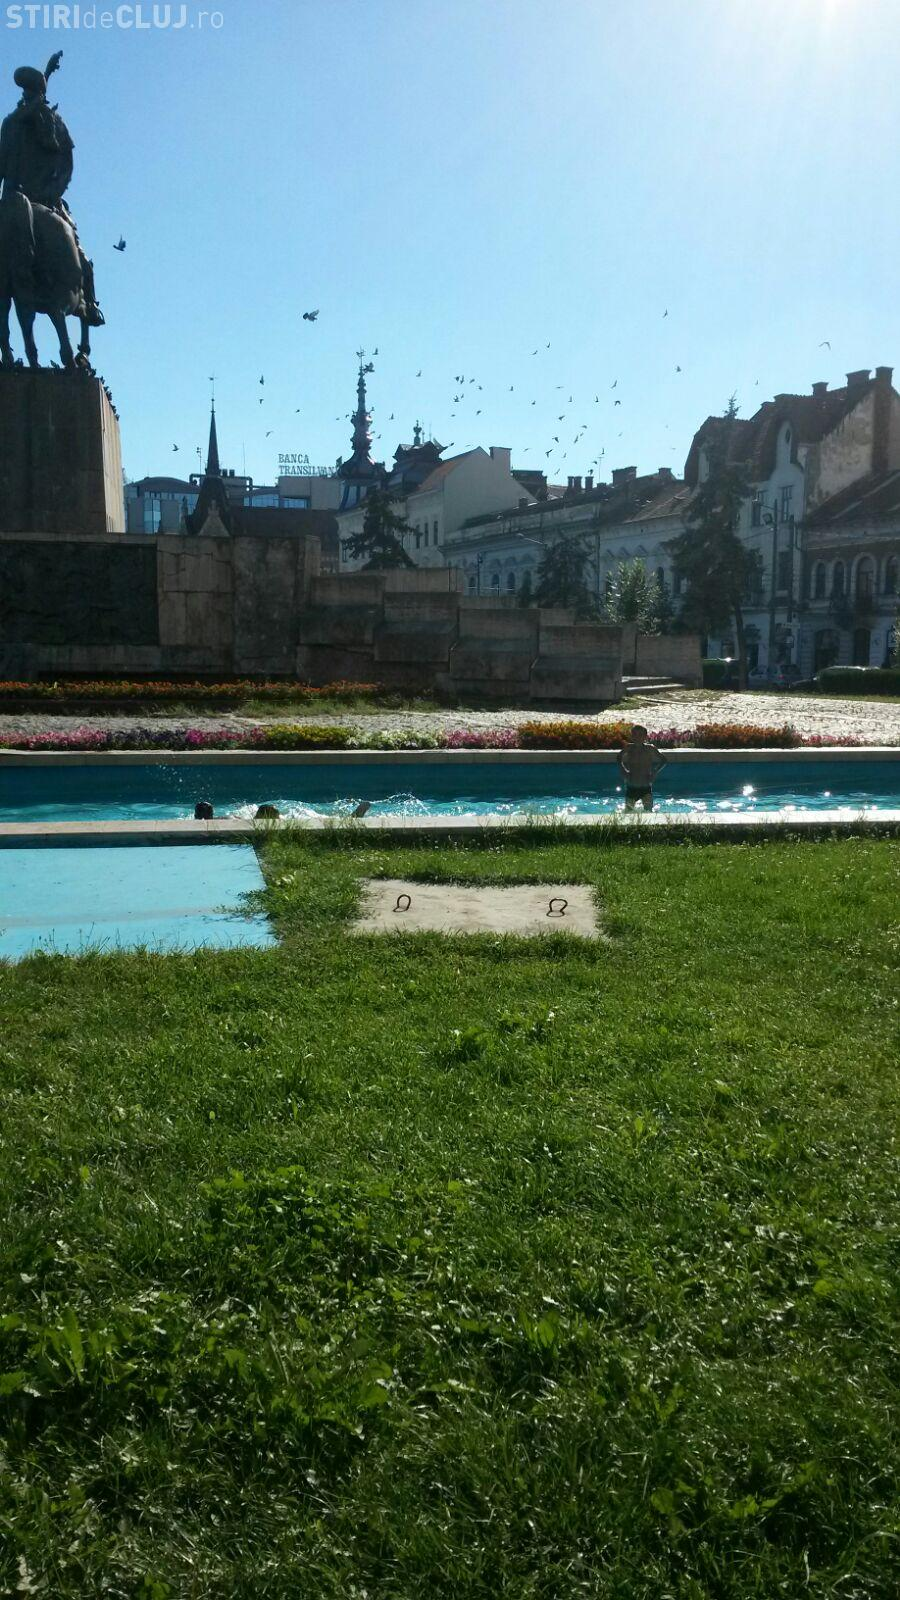 """Rromii și-au făcut """"piscină"""" la statuia lui Mihai Viteazu. Trei copiii făceau întreceri la înot FOTO"""